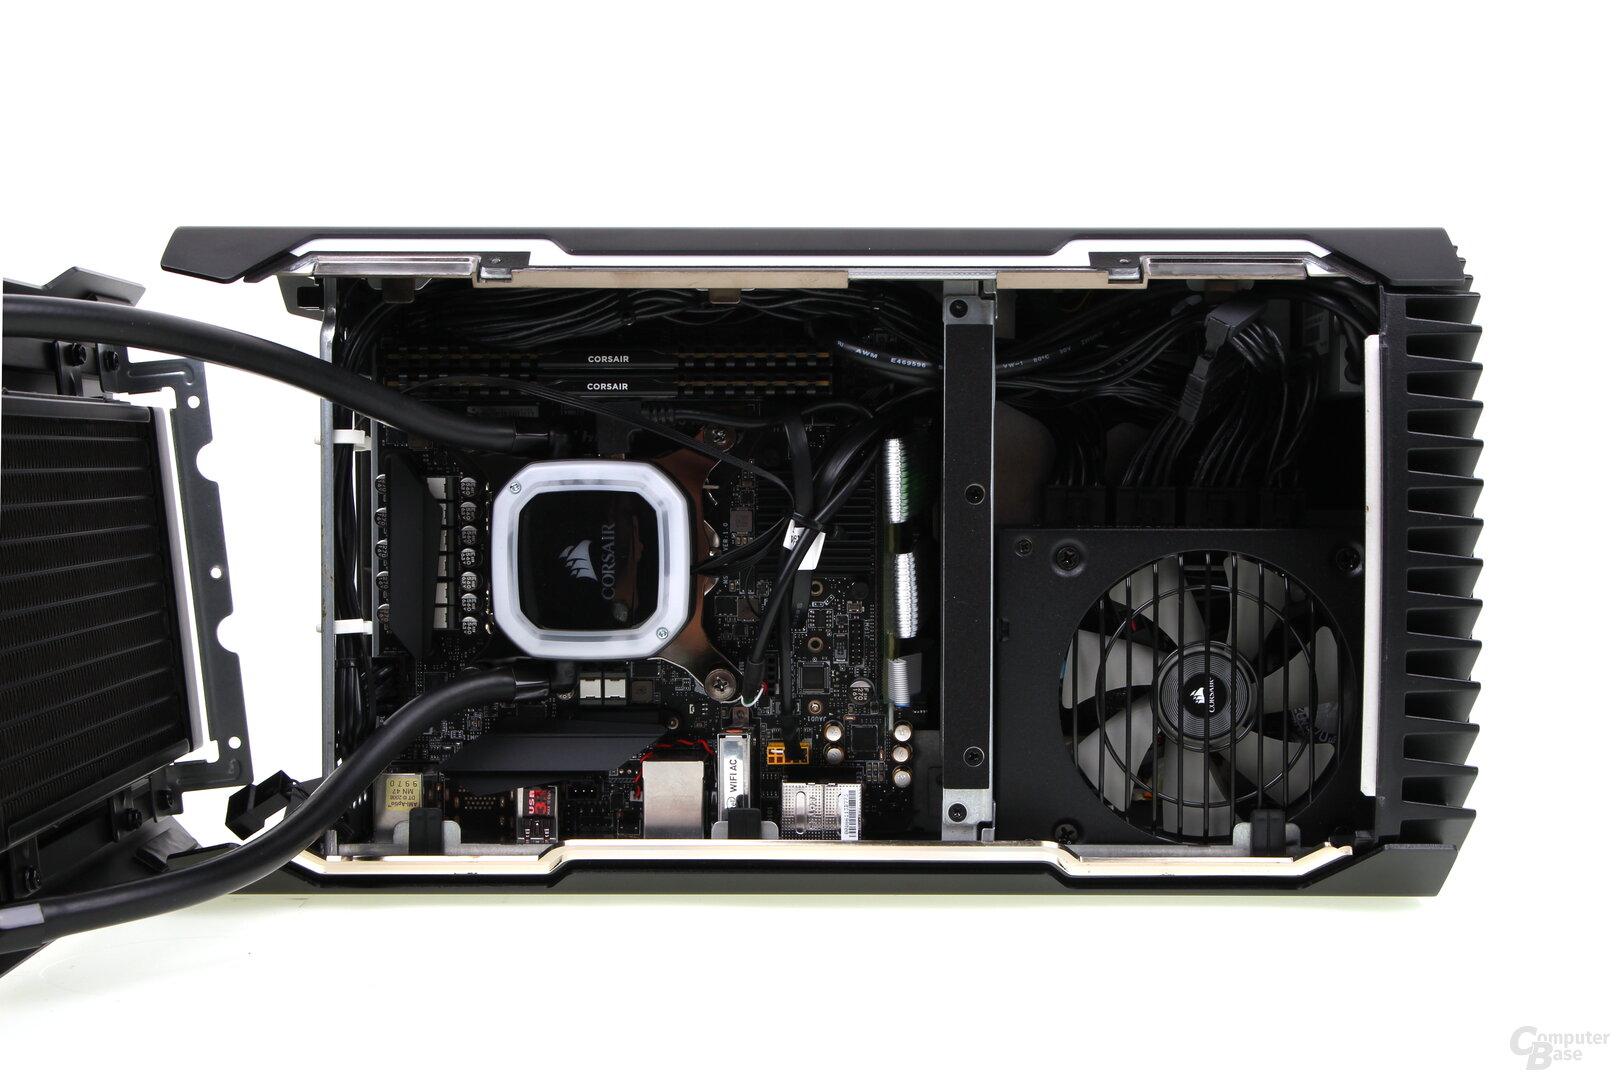 Blick auf die rechte Seite mit CPU, Mainboard, Speicher und Netzteil